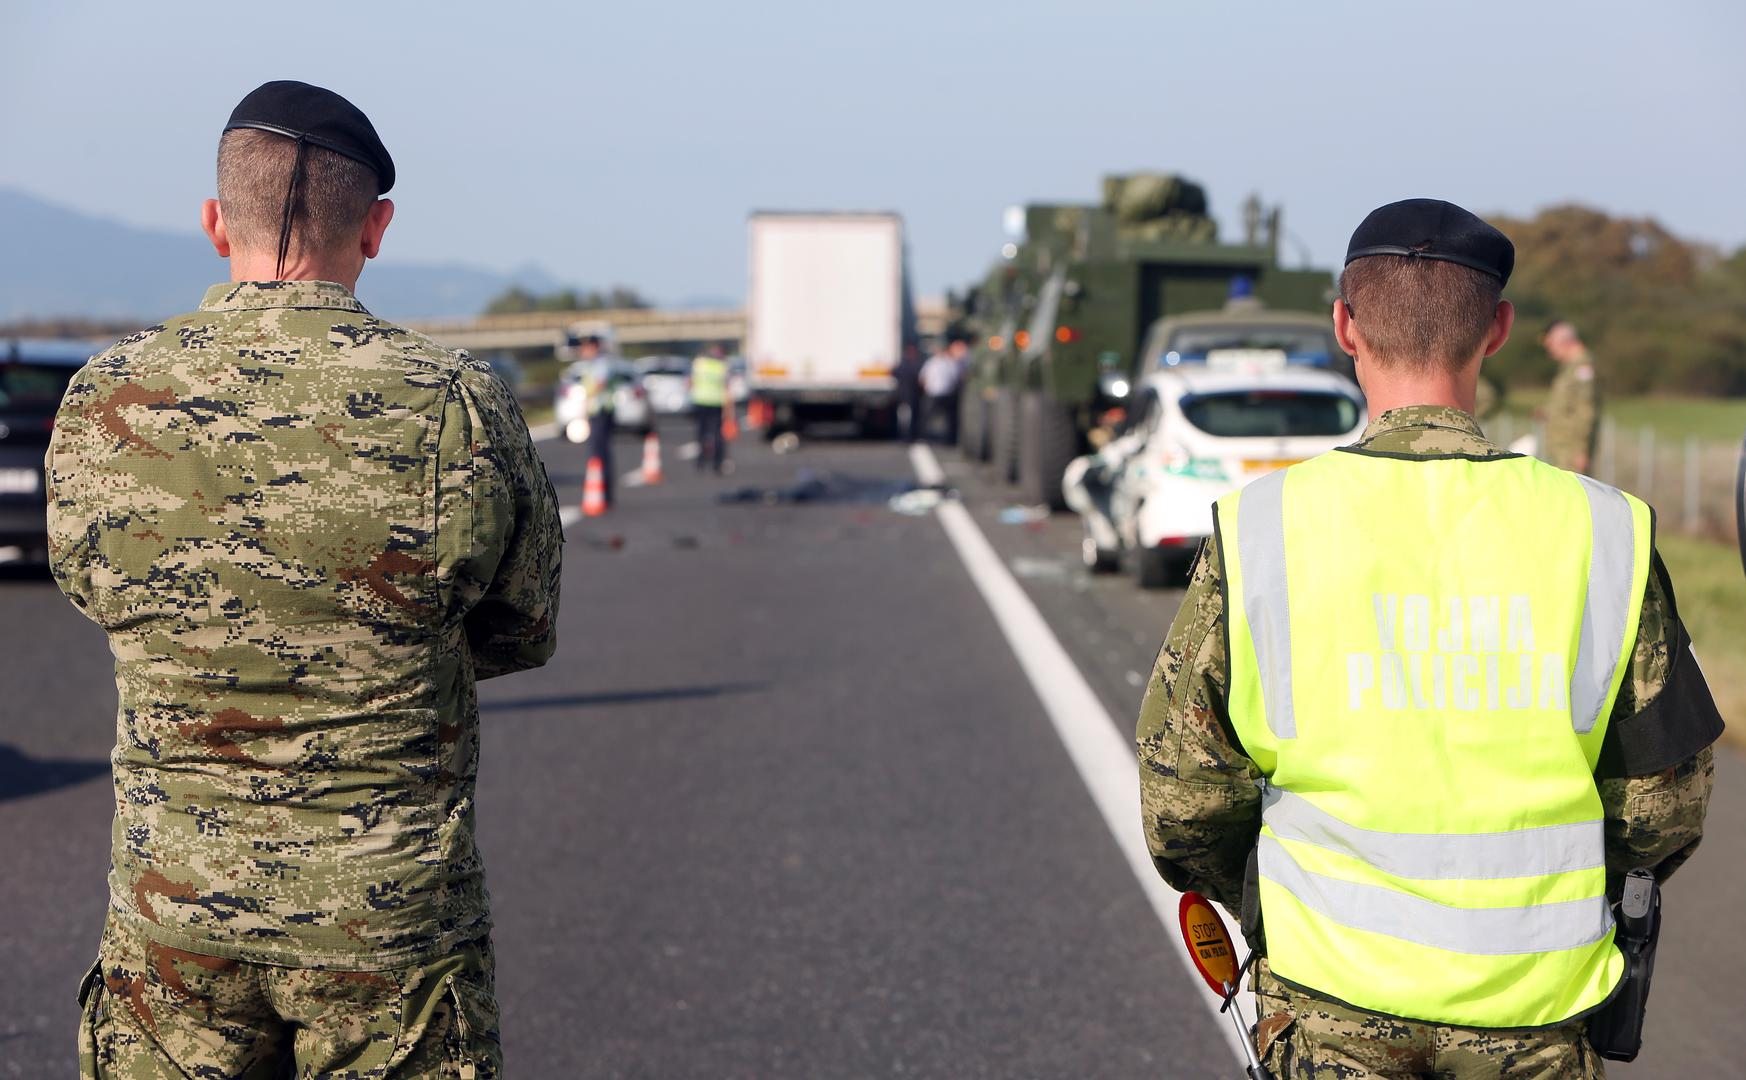 Ministar Krstičević i general Šundov izrazili sućut obitelji poginuloga hrvatskog vojnika, pripadnika vojne policije